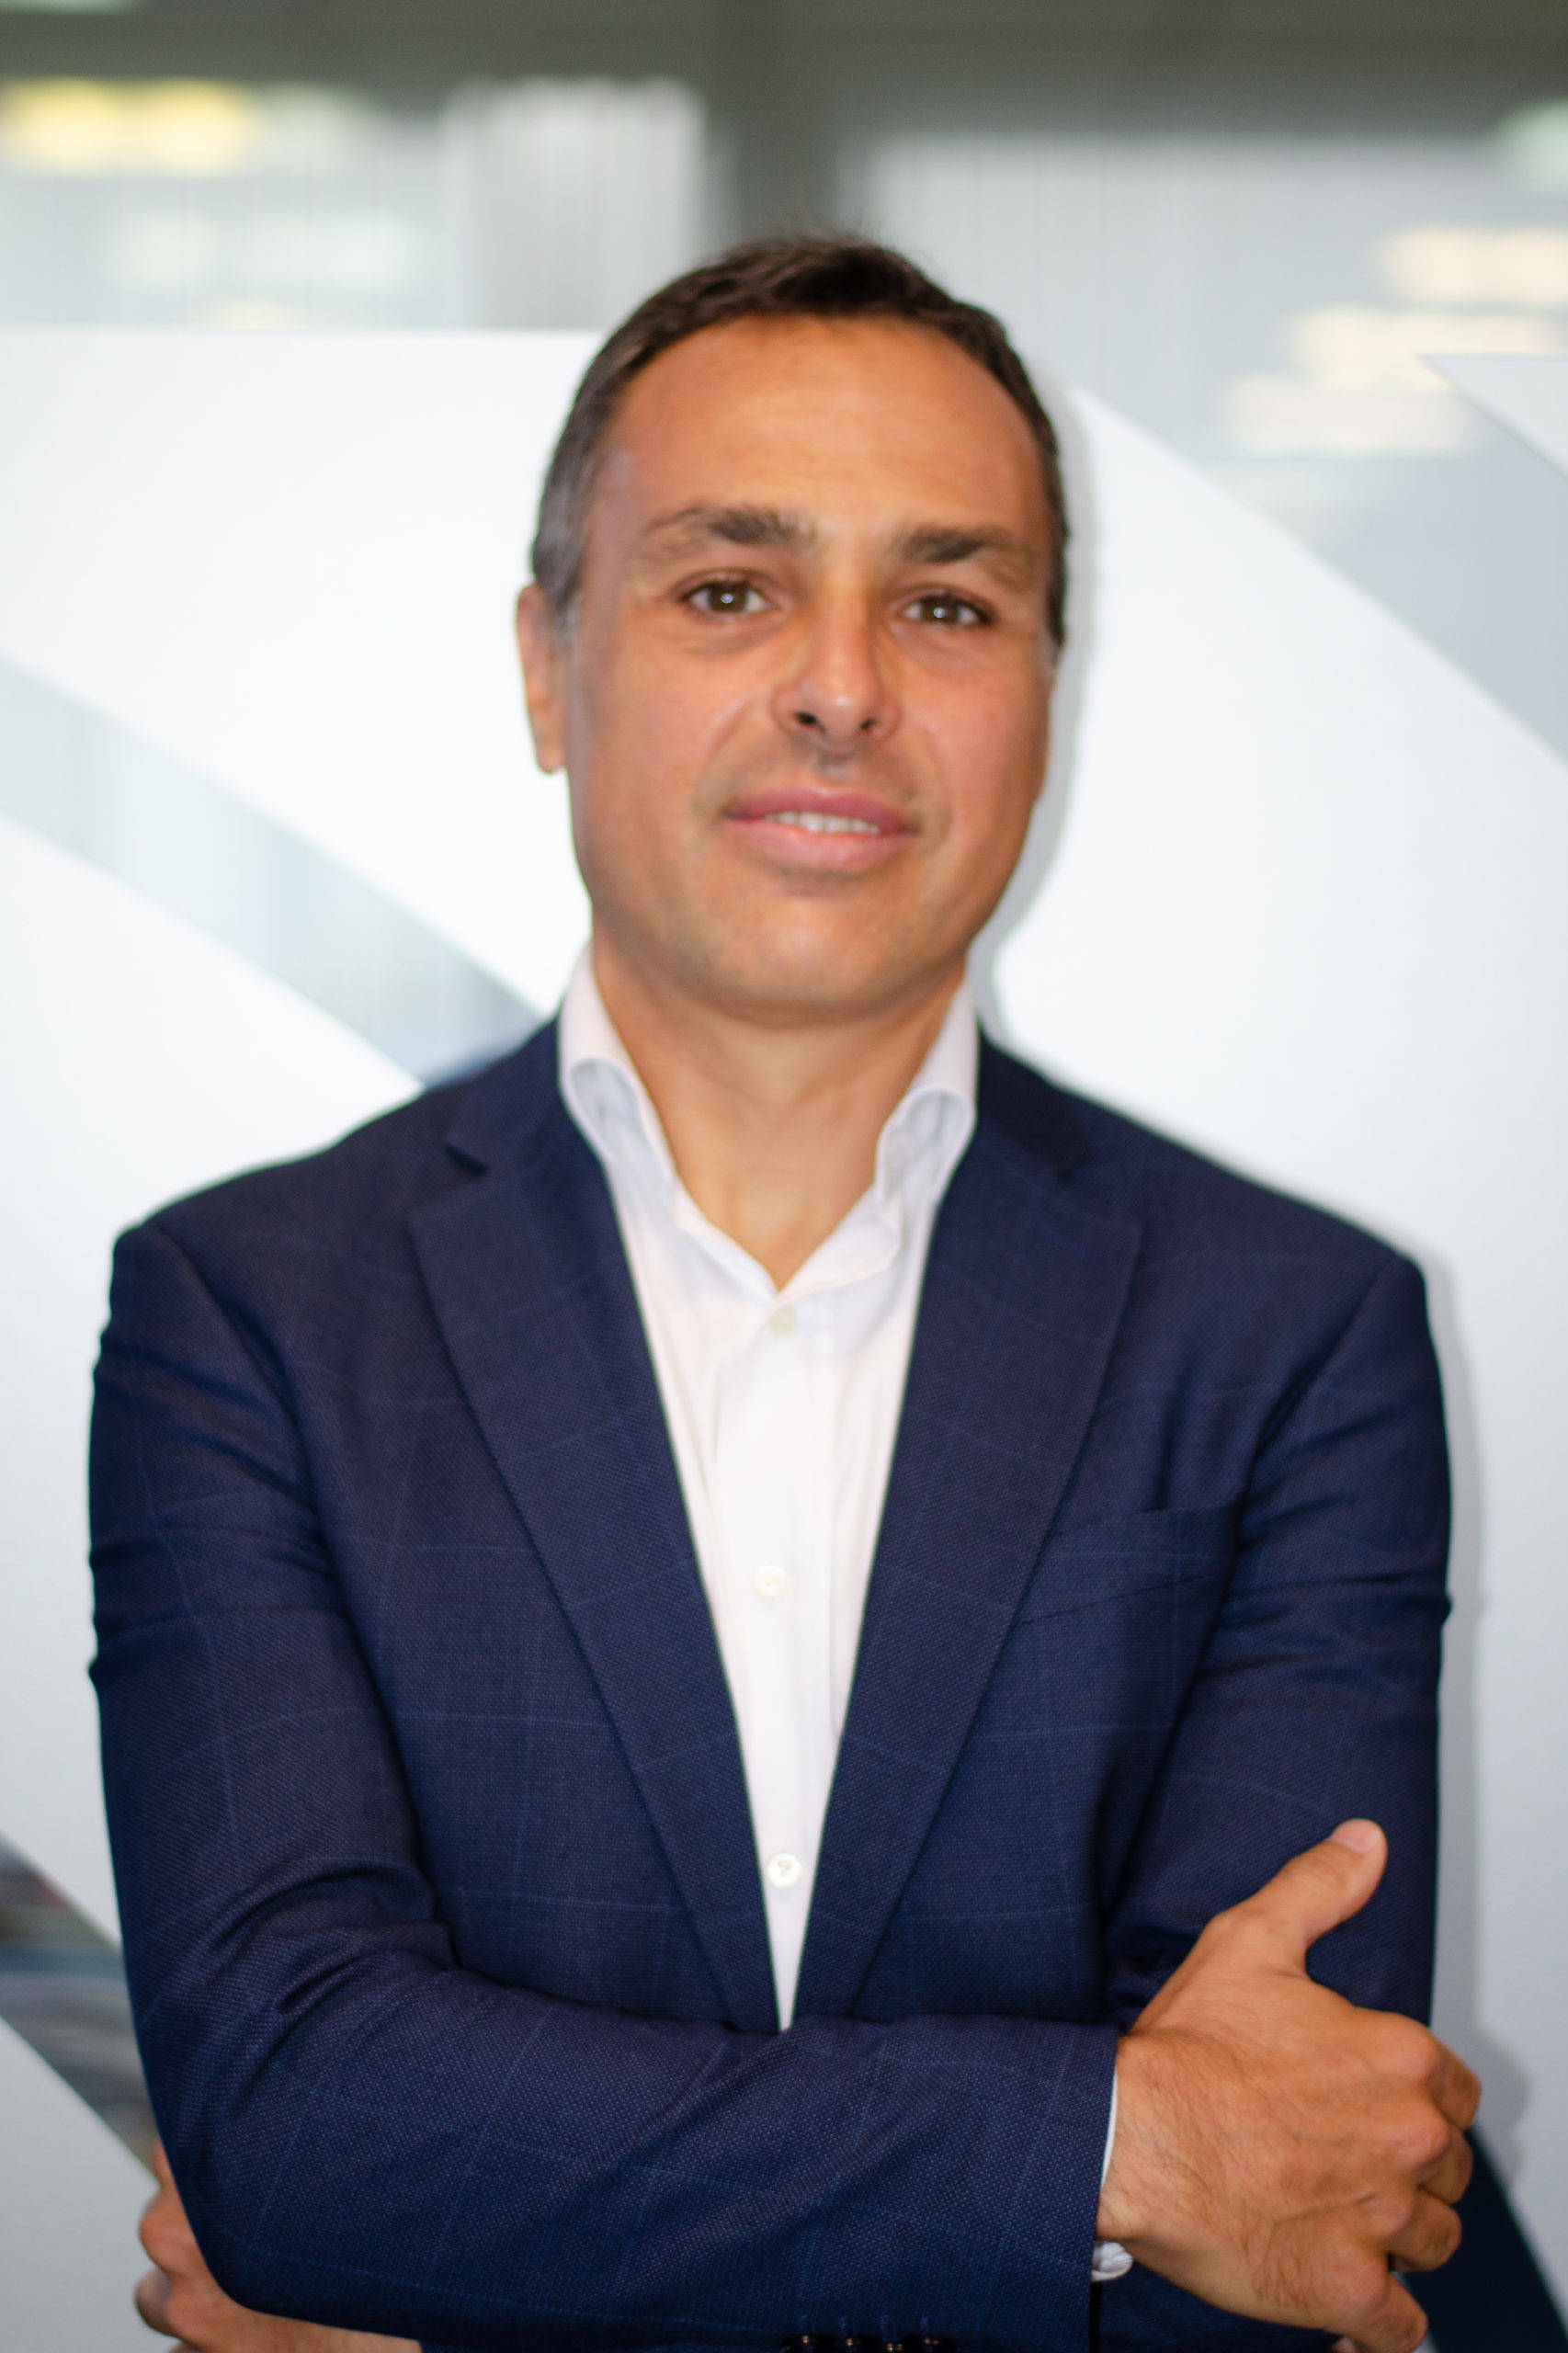 Jose Carlos Rodríguez Menéndez